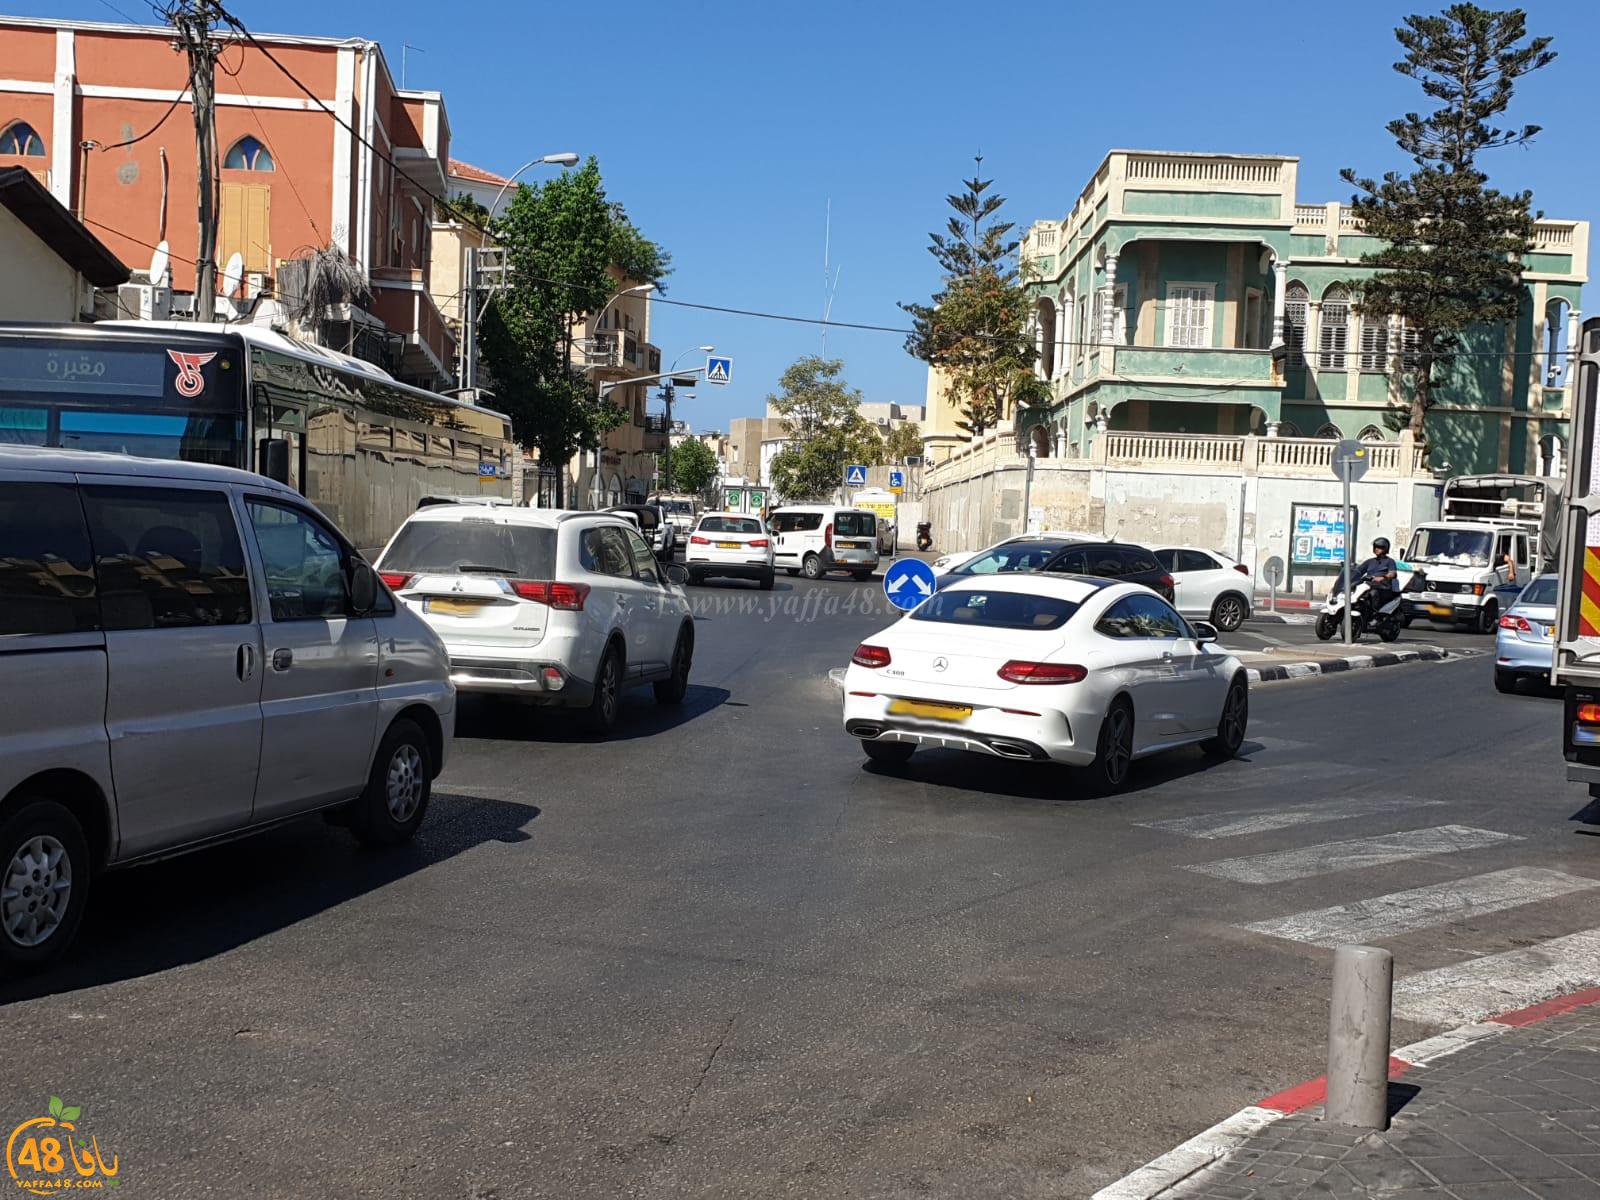 يافا: أزمة مرورية يشهدها شارع ييفت الرئيس على مدار الساعة